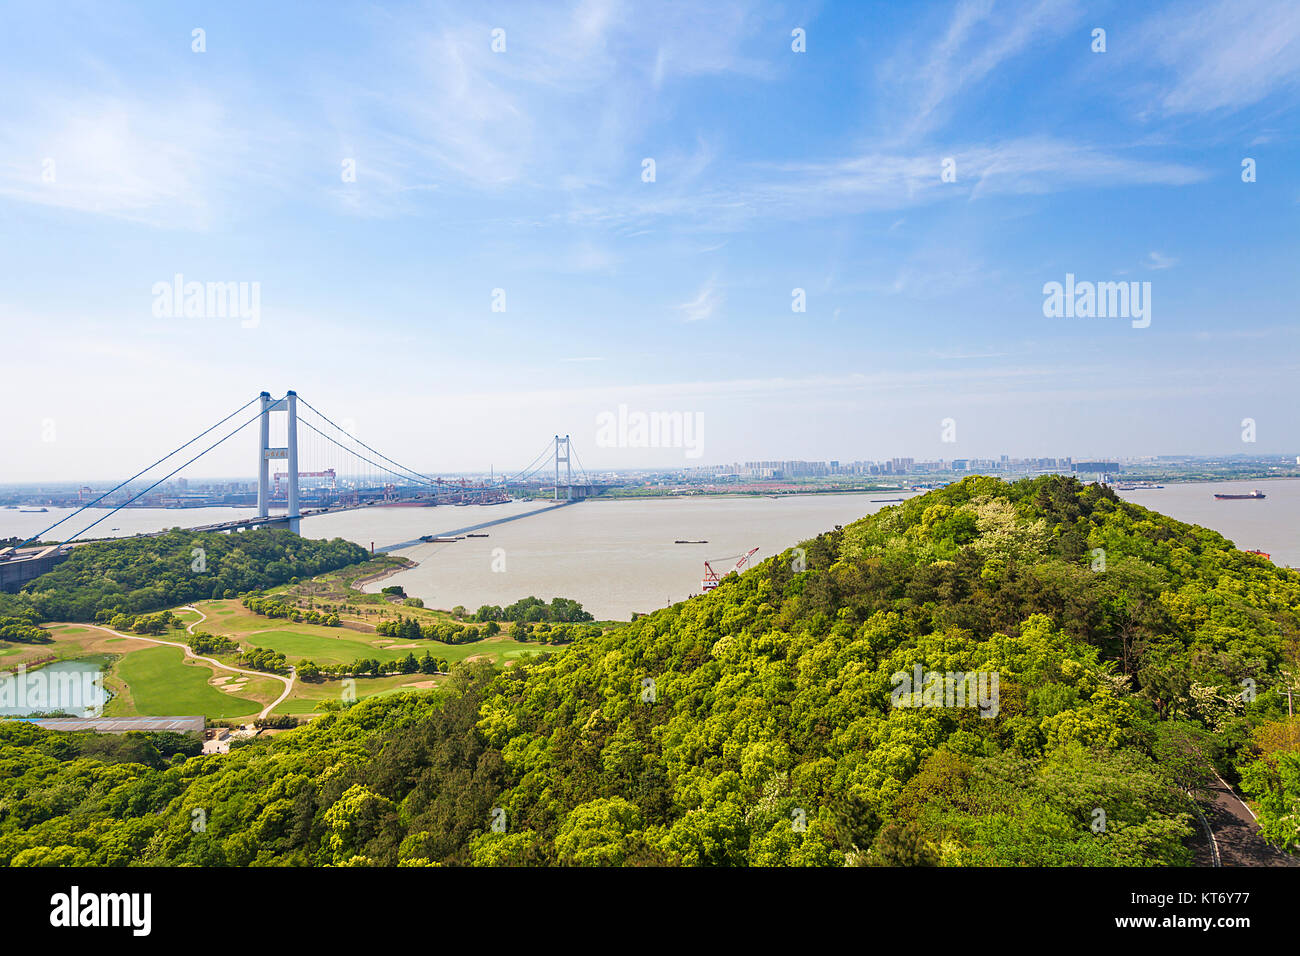 Jiangyin bridge of Wuxi City,Jiangsu Province,China - Stock Image